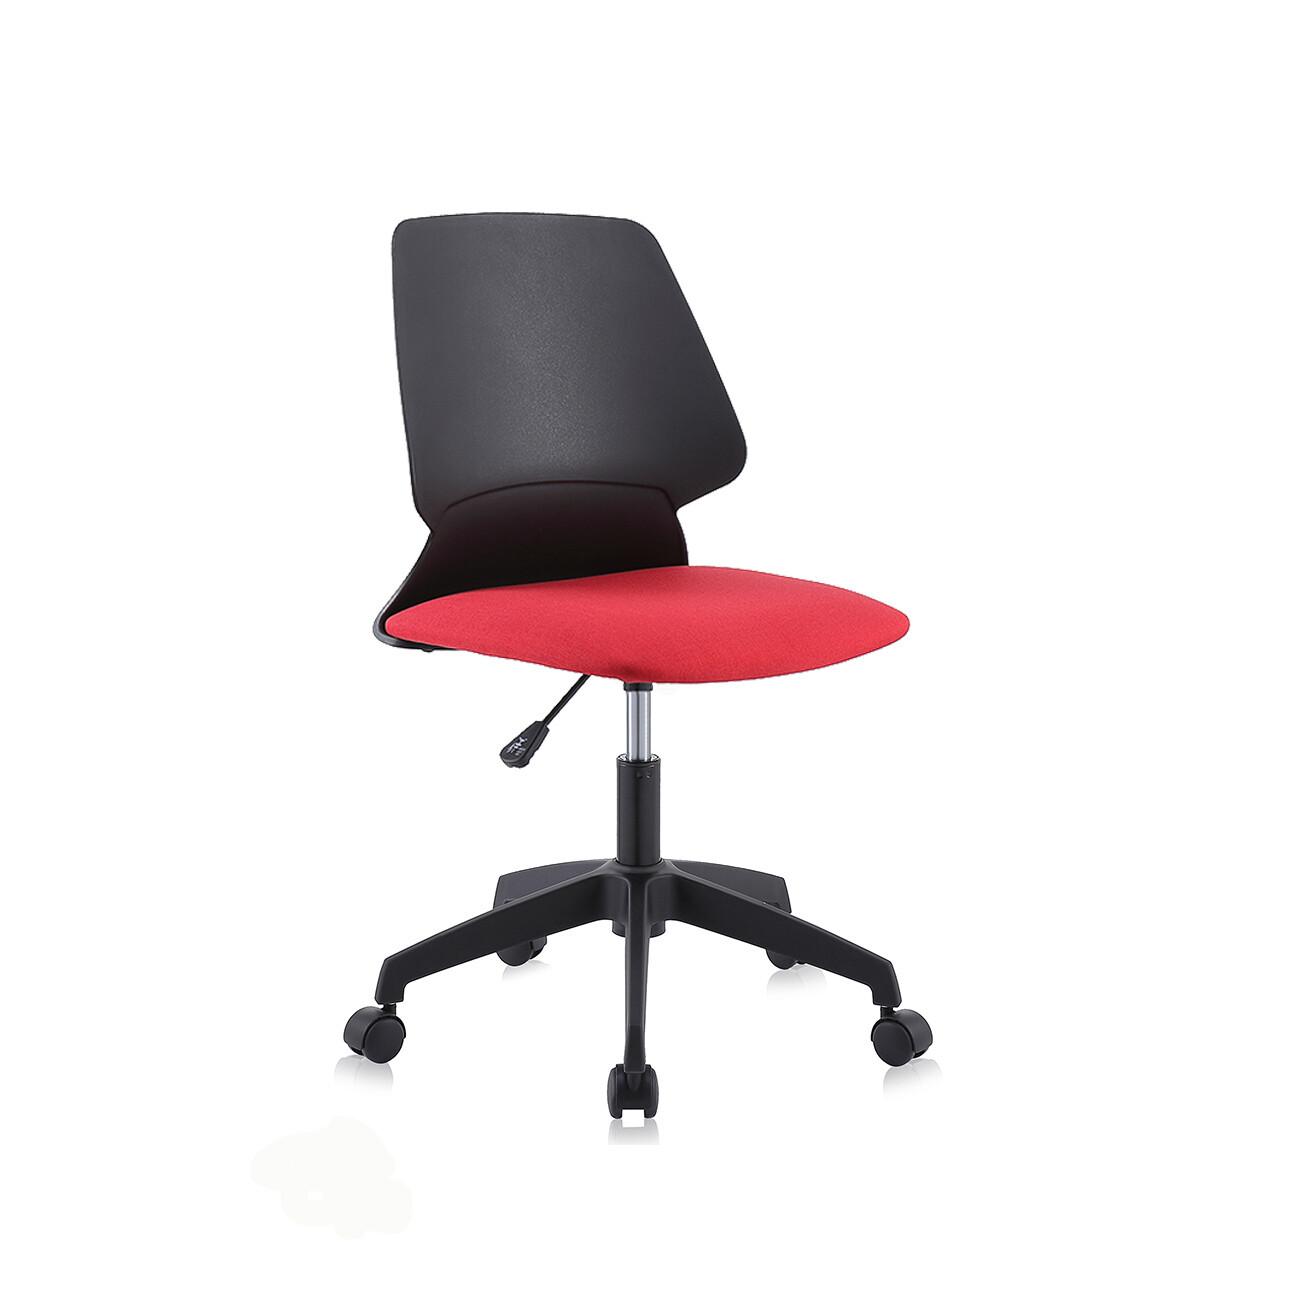 MY SIT Bürostuhl / Design-Hocker Drehstuhl Stuhl NEO in Schwarz/Rot mit Weichbodenrollen